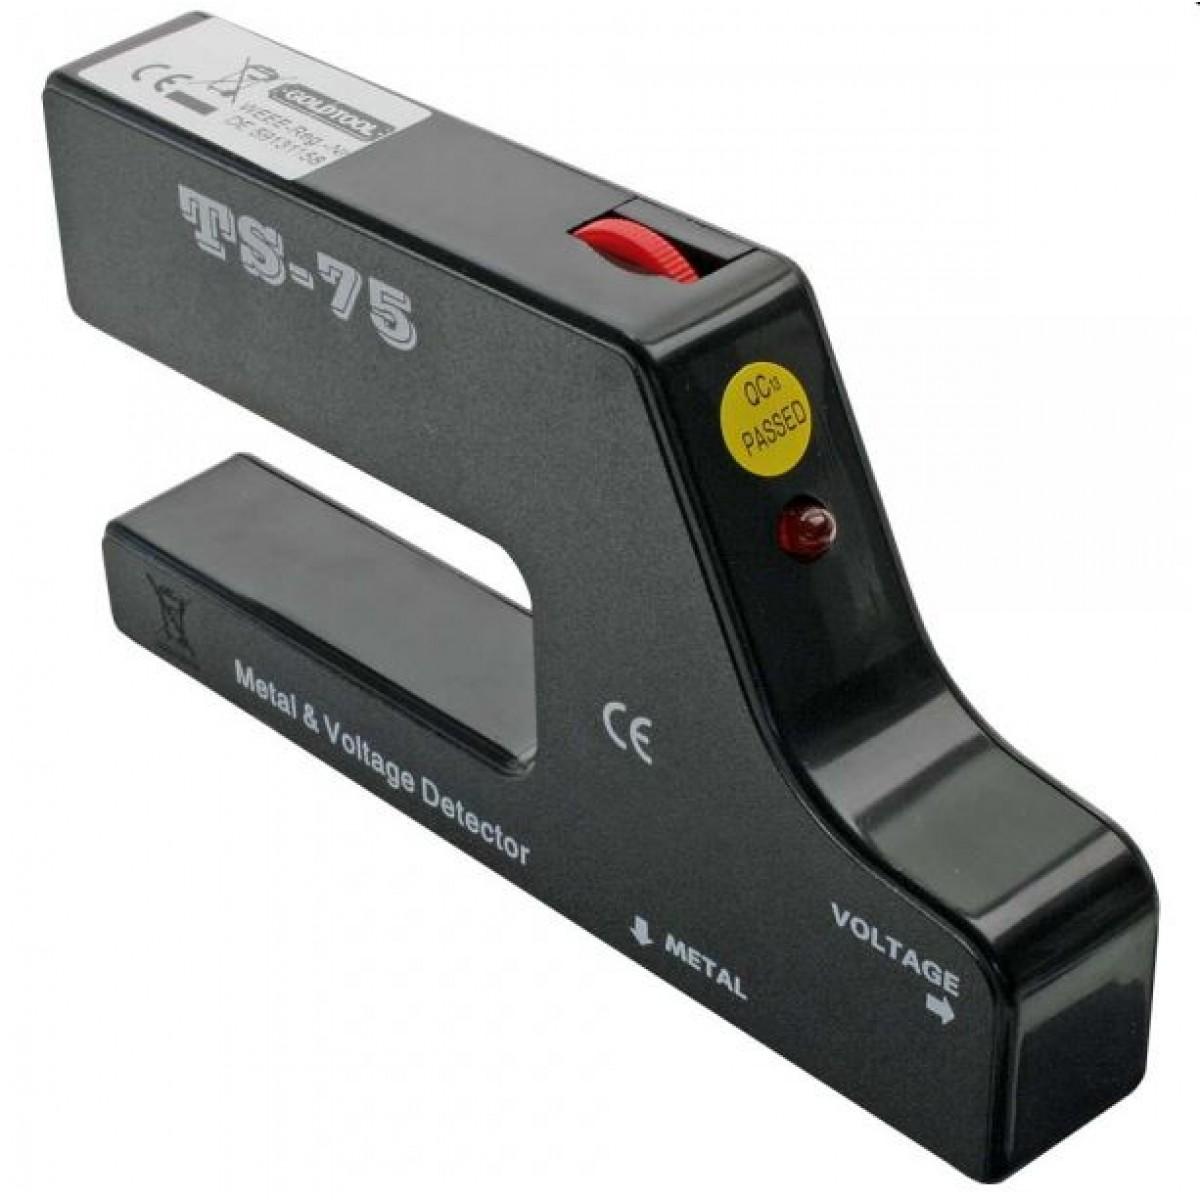 multidetektor-2in1 für metall und spannung | elektronik für jedermann